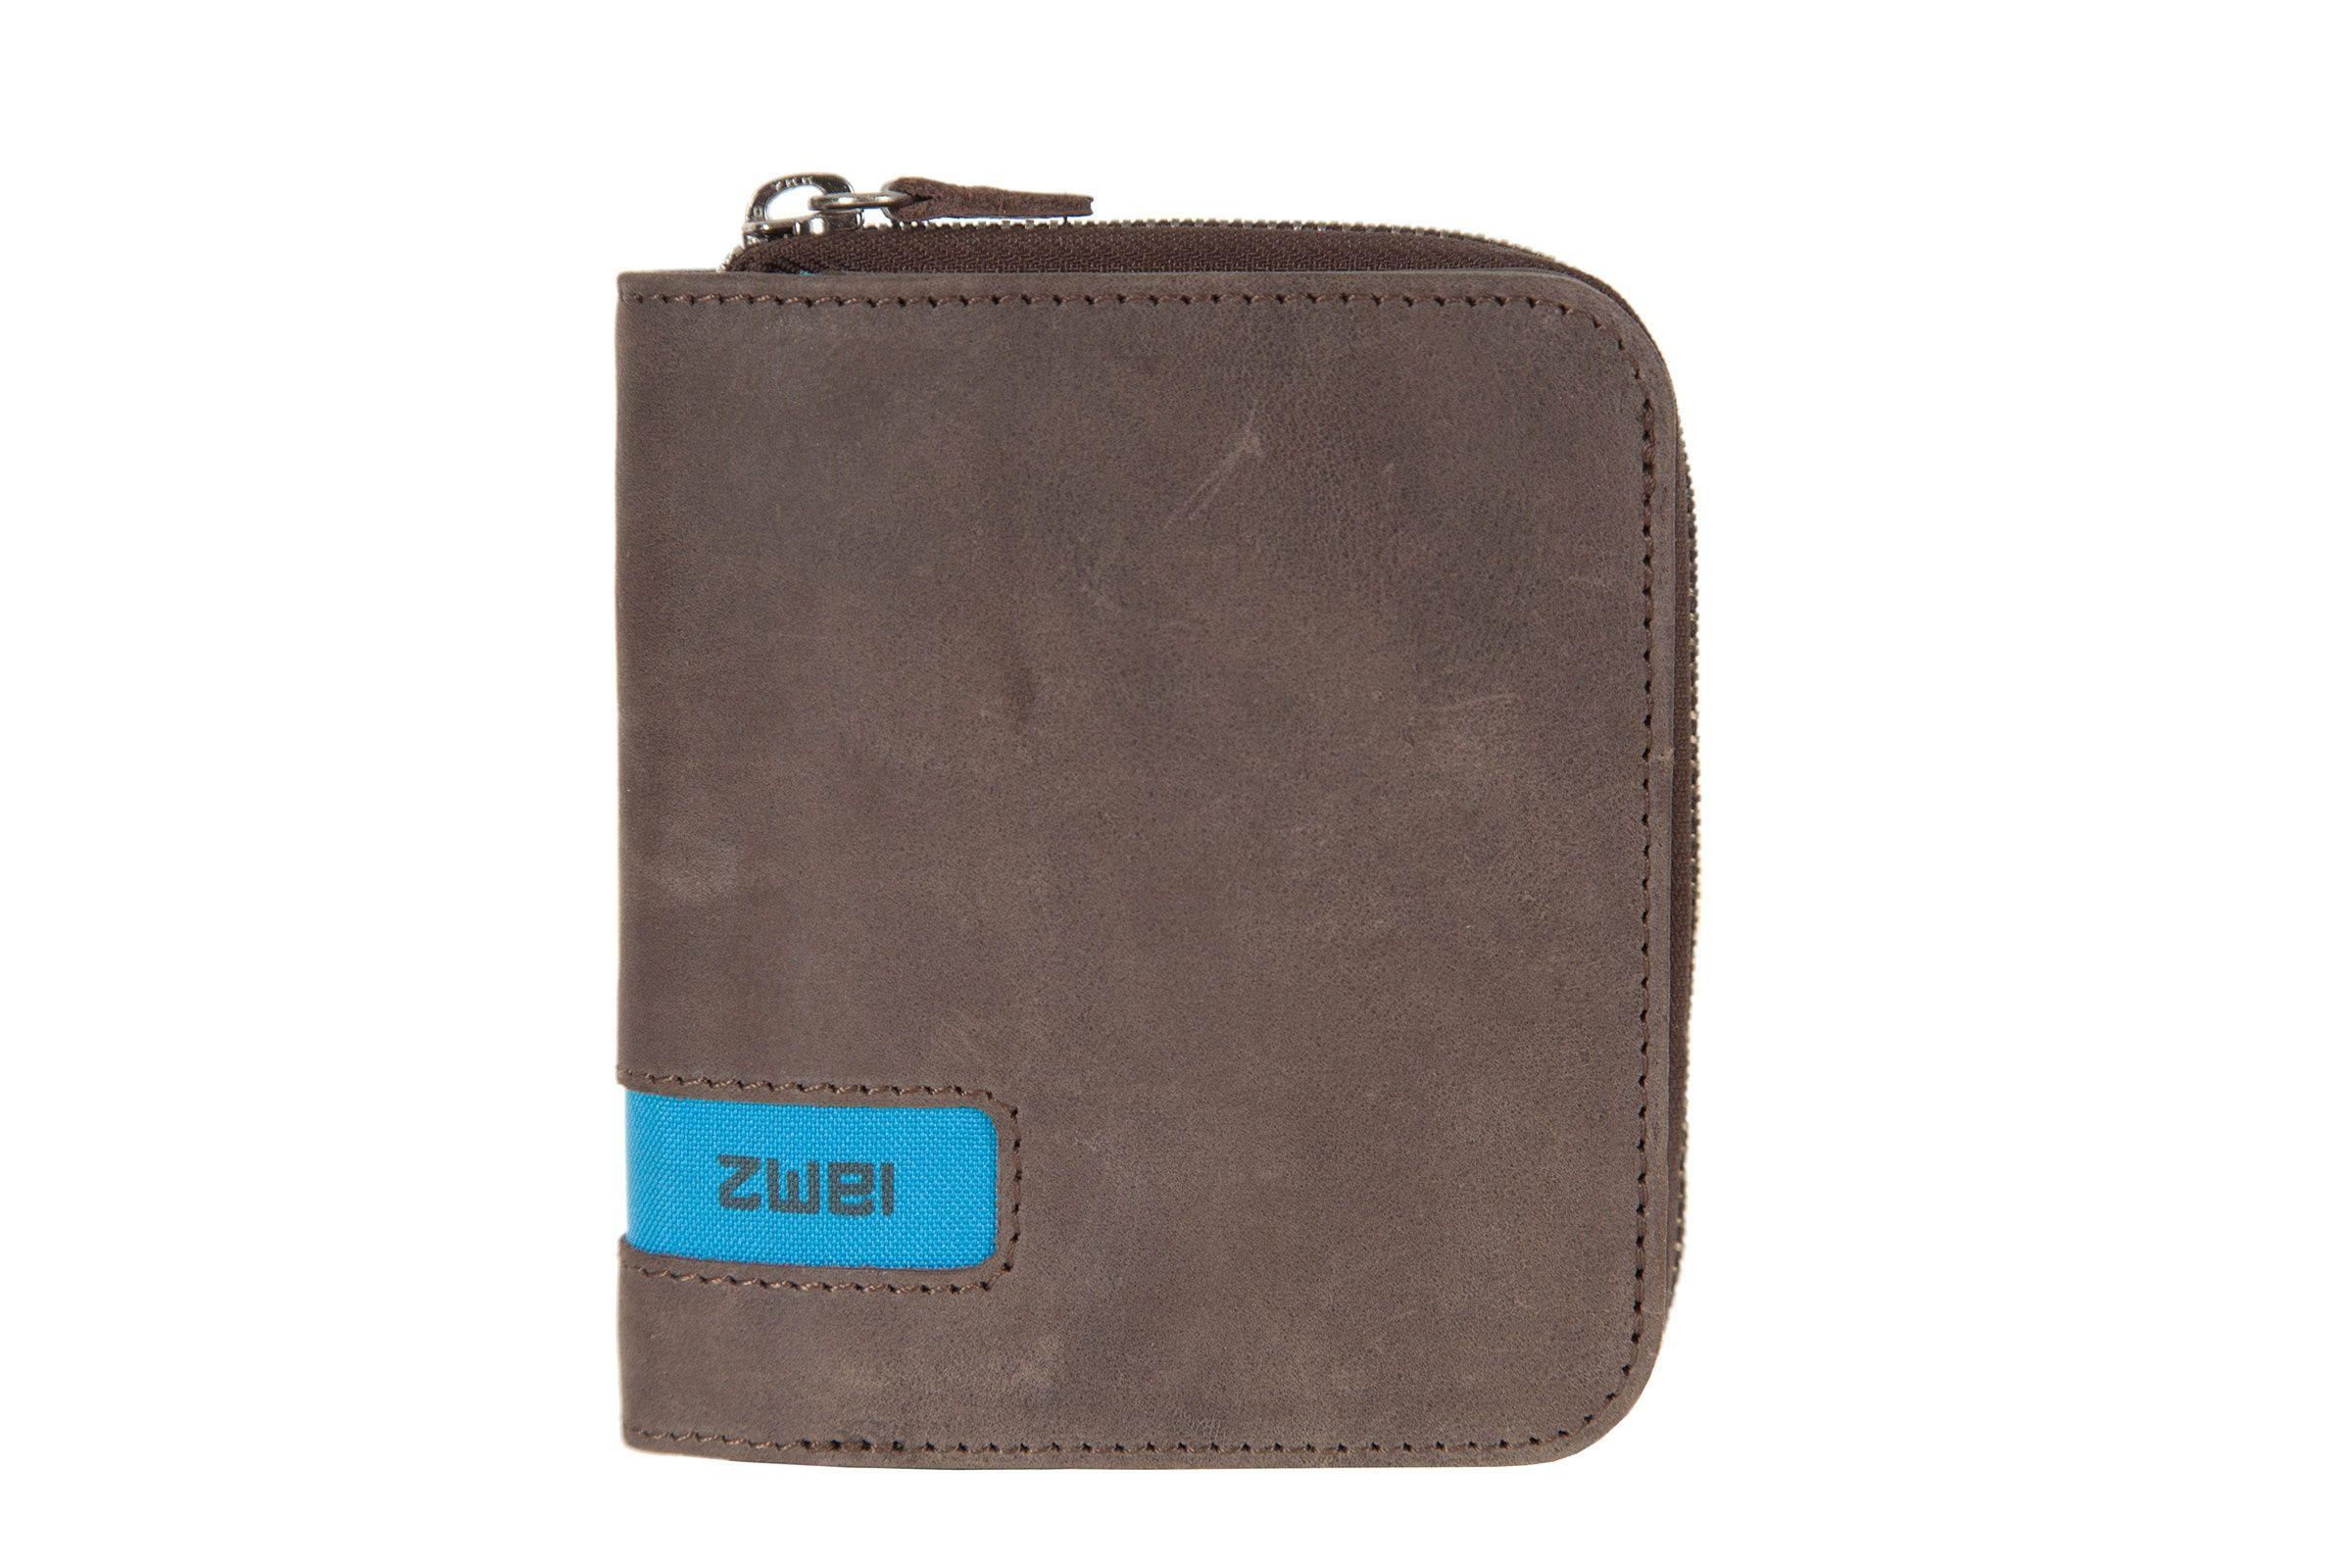 Geldbörsen :: PURSE :: P5 | ZWEI Taschen Portemonnaie :: Leder :: braun